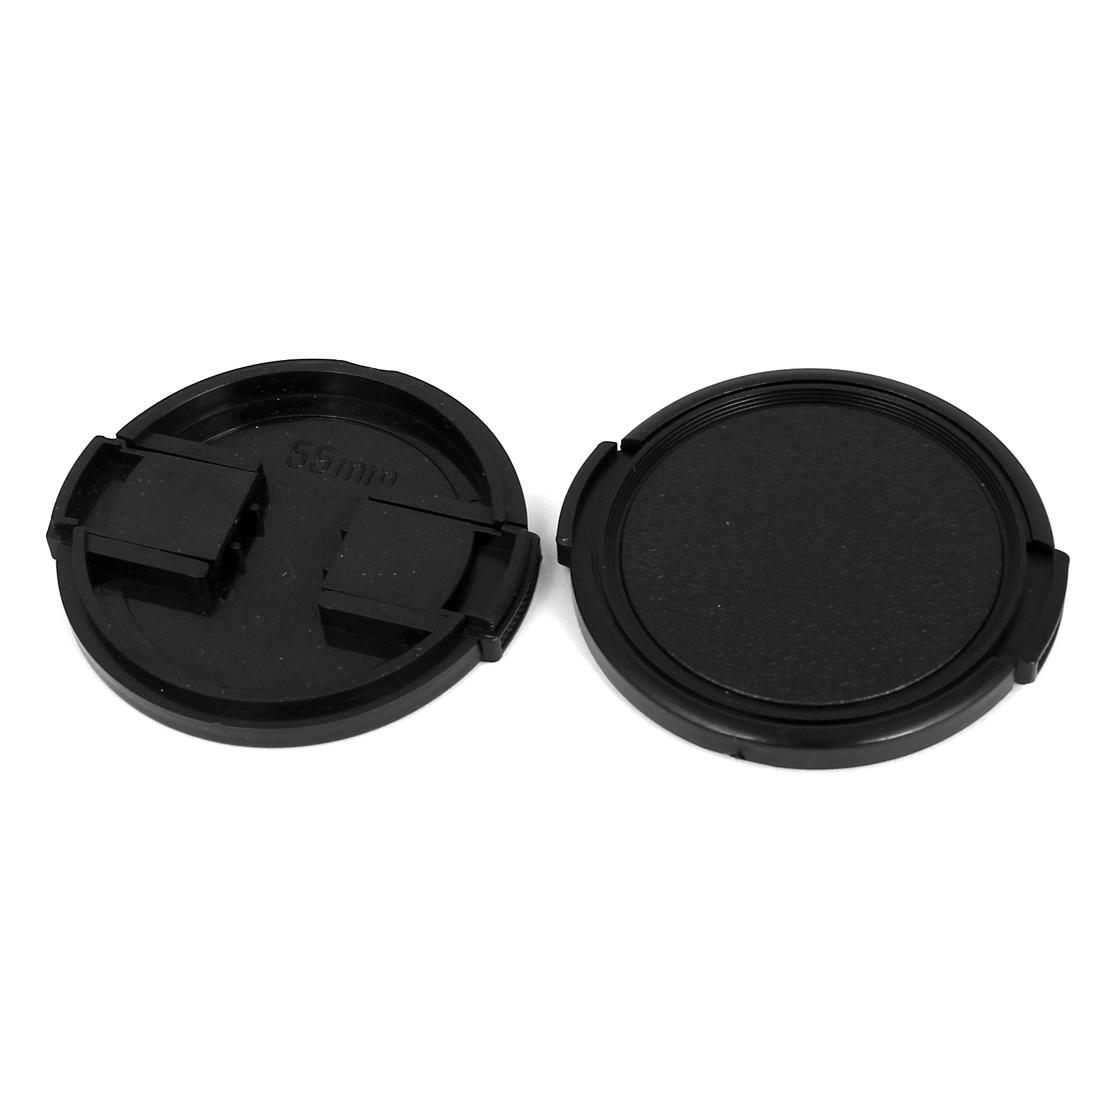 55mm Dia Vintage Style Plastic Front Snap Digital Camera Lens Cap Protector 2Pcs